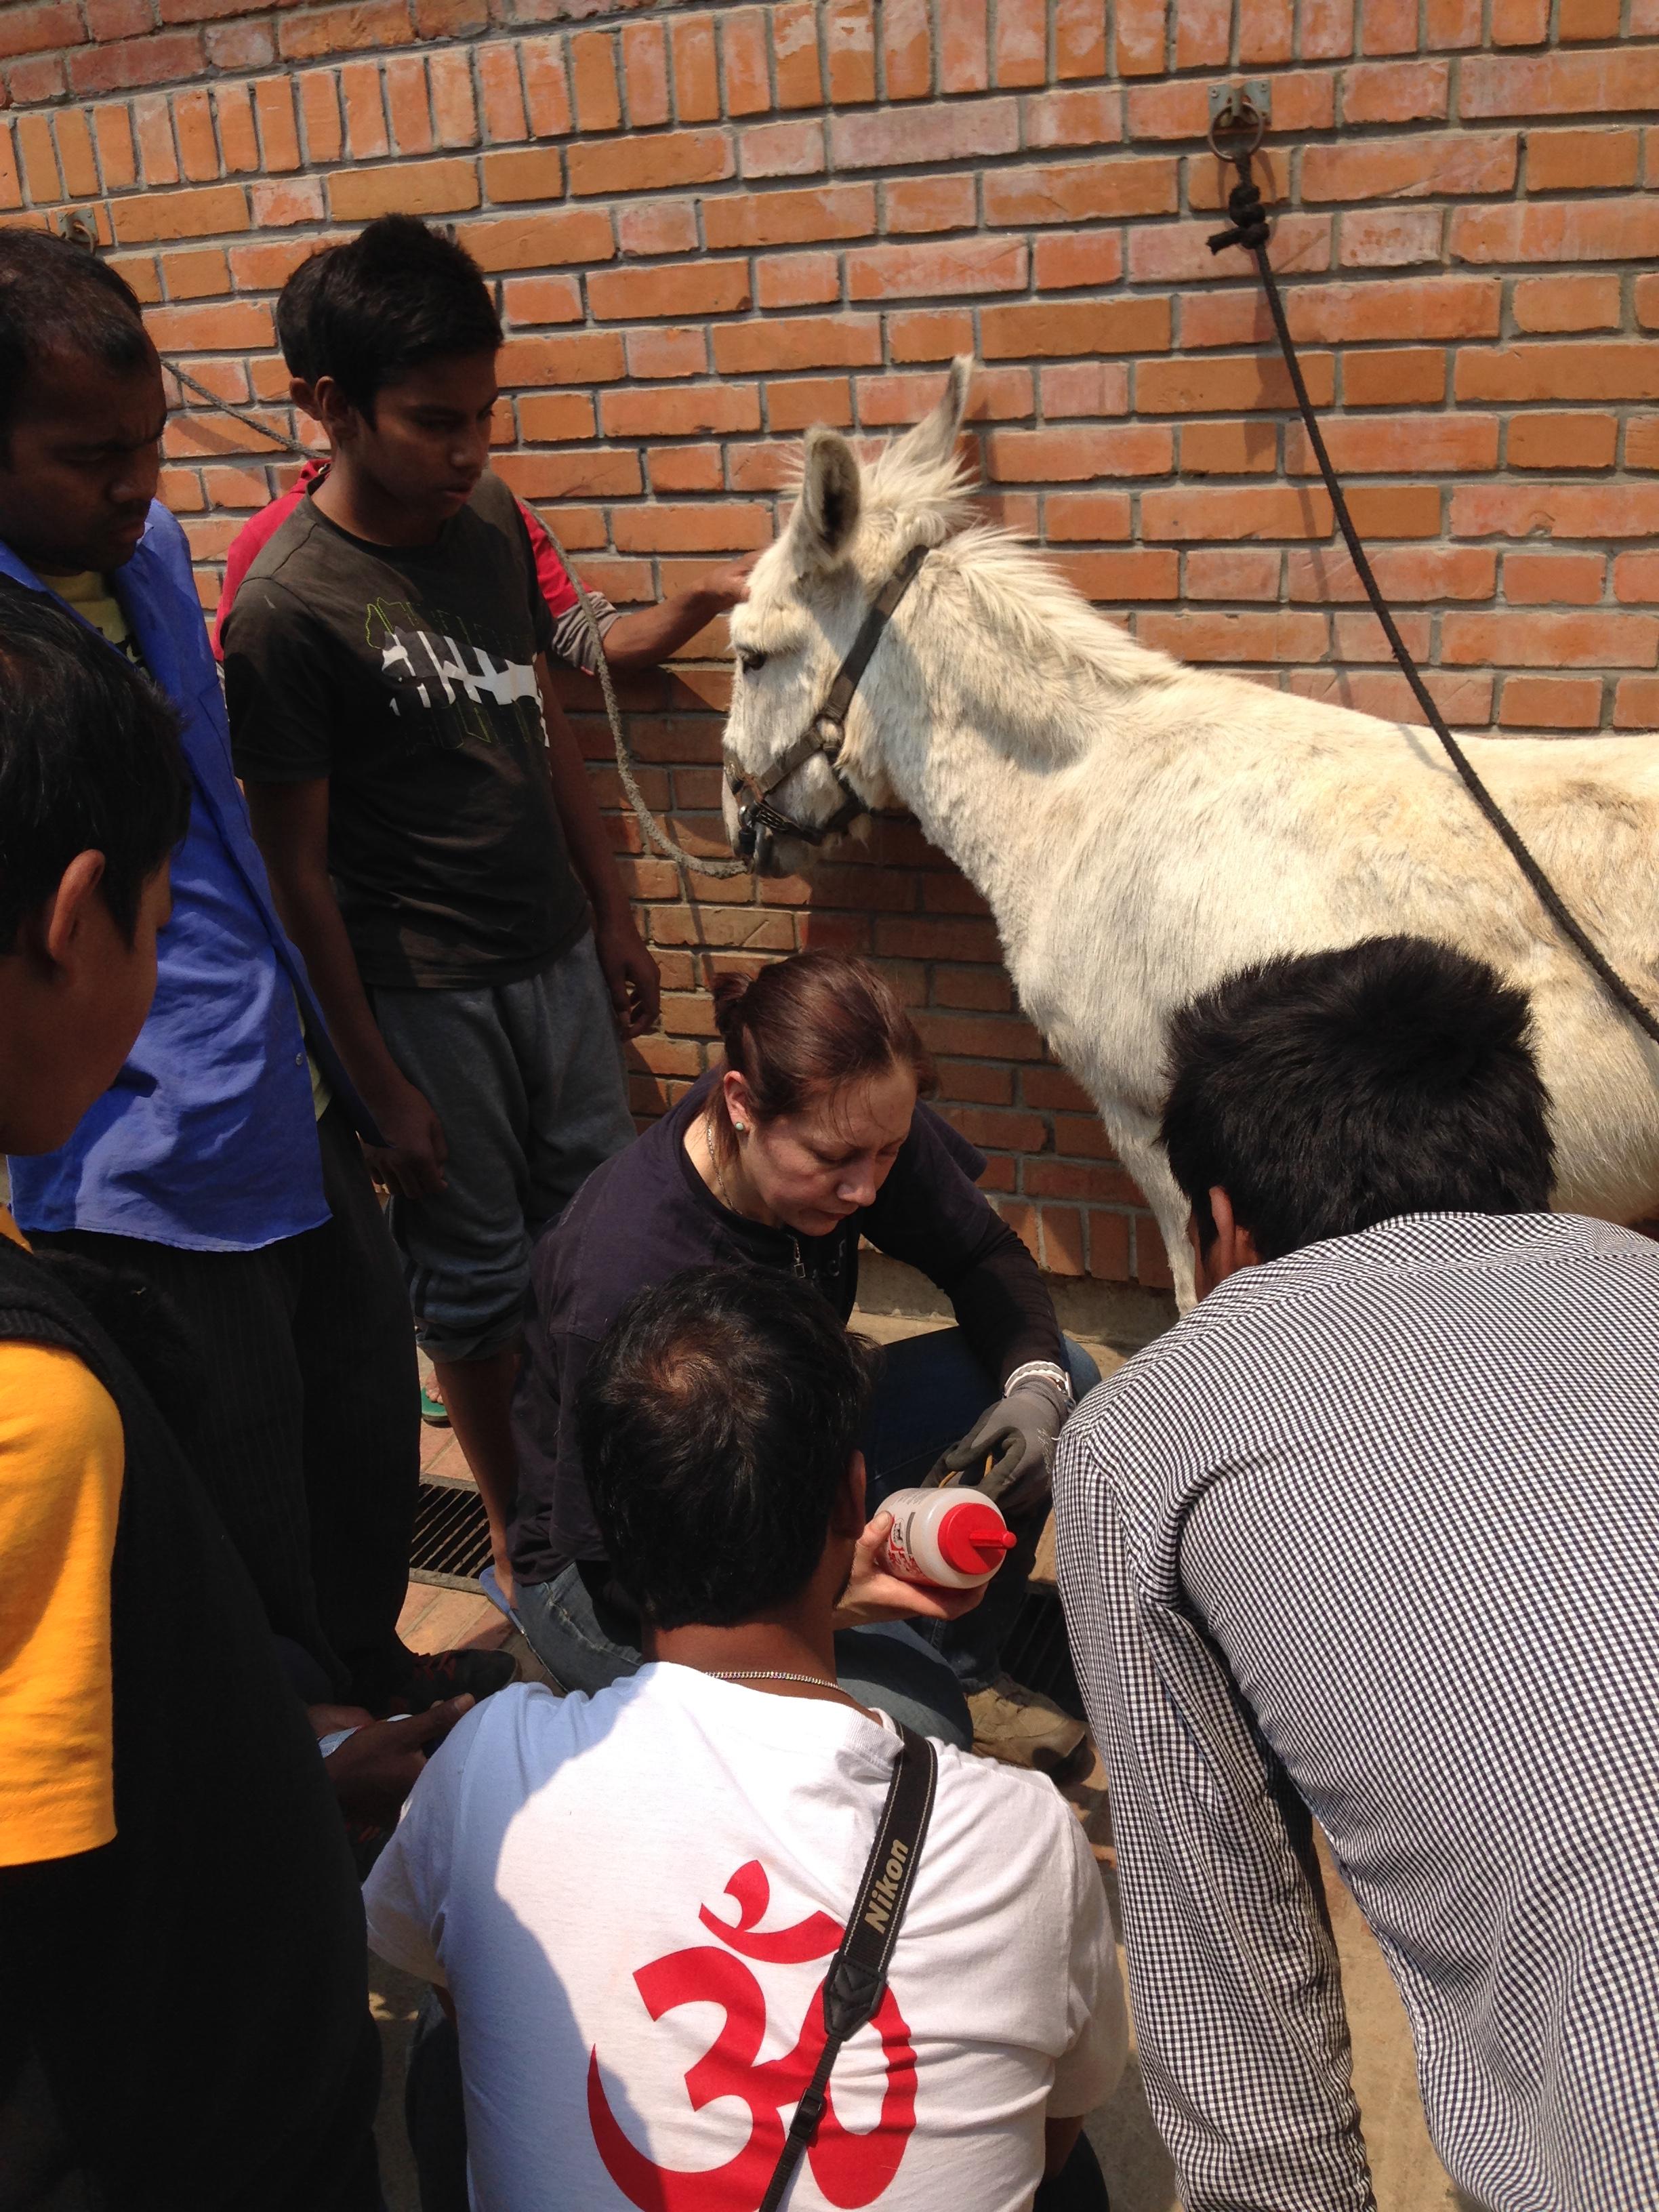 Tiffany erklär die spezielle Barhufpflege für Esel.